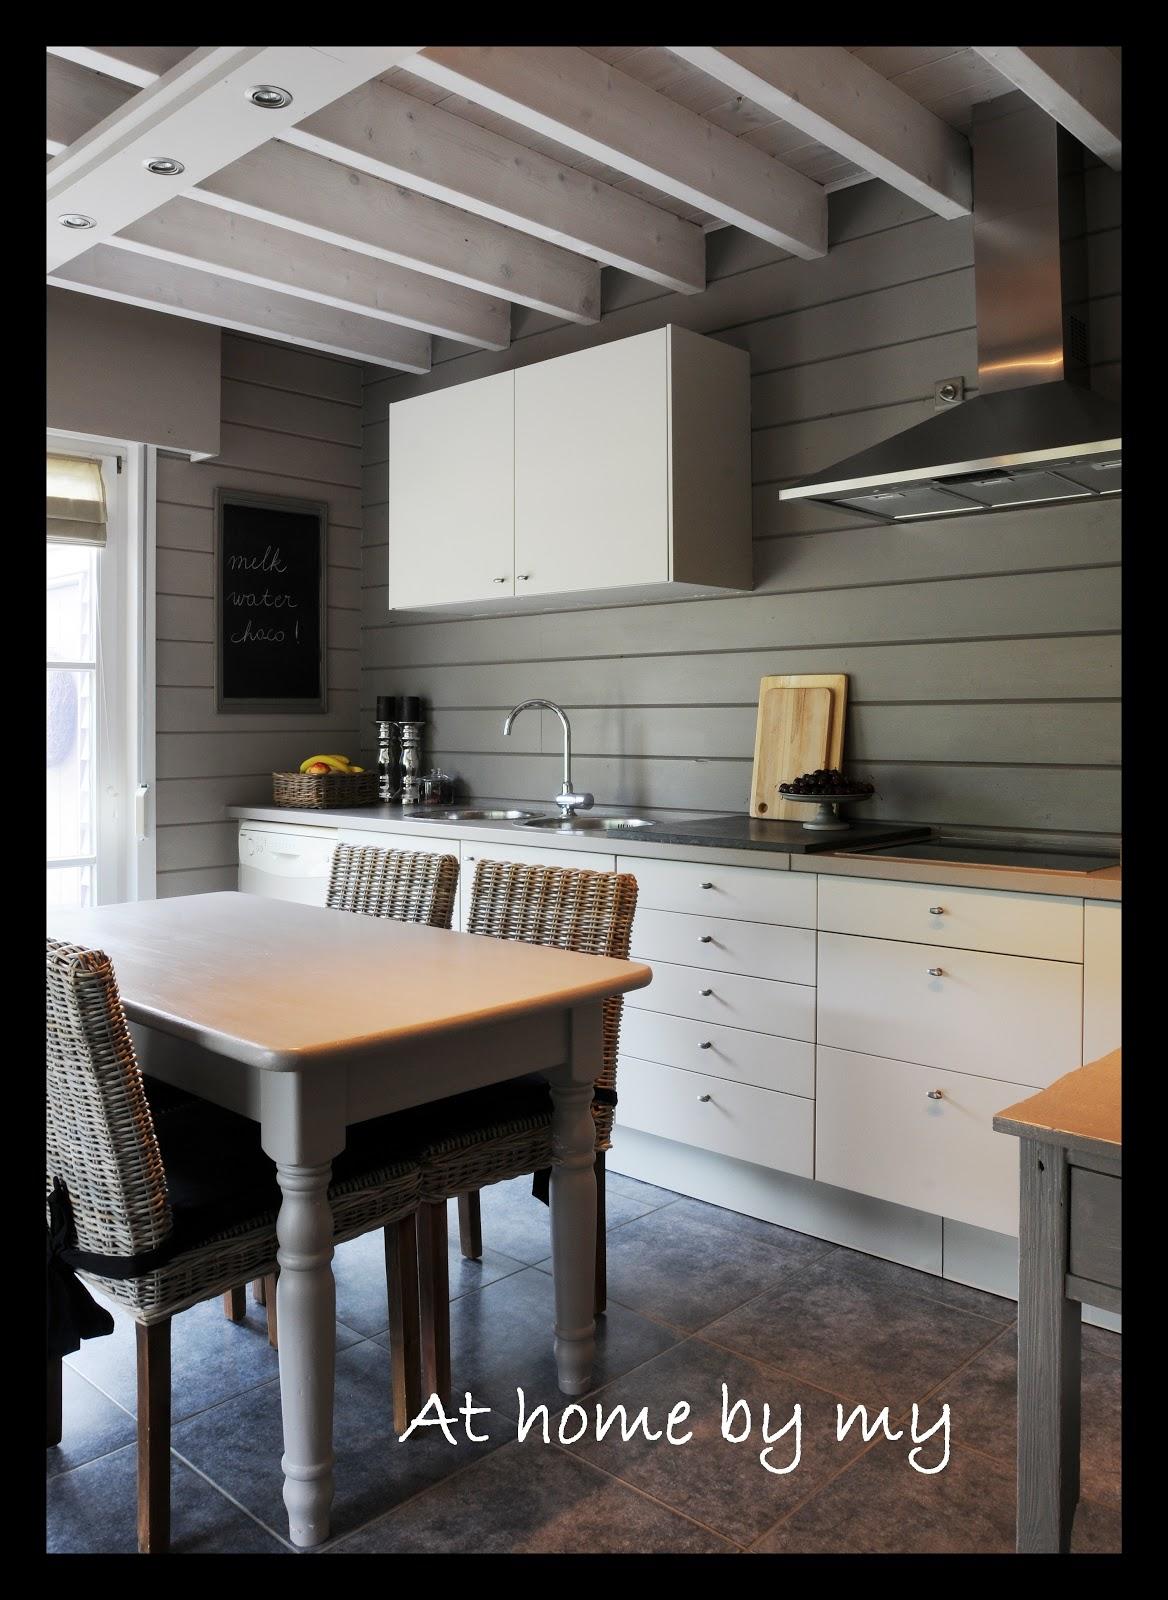 Ikea kastjes keuken: ikea keuken plaatsen.